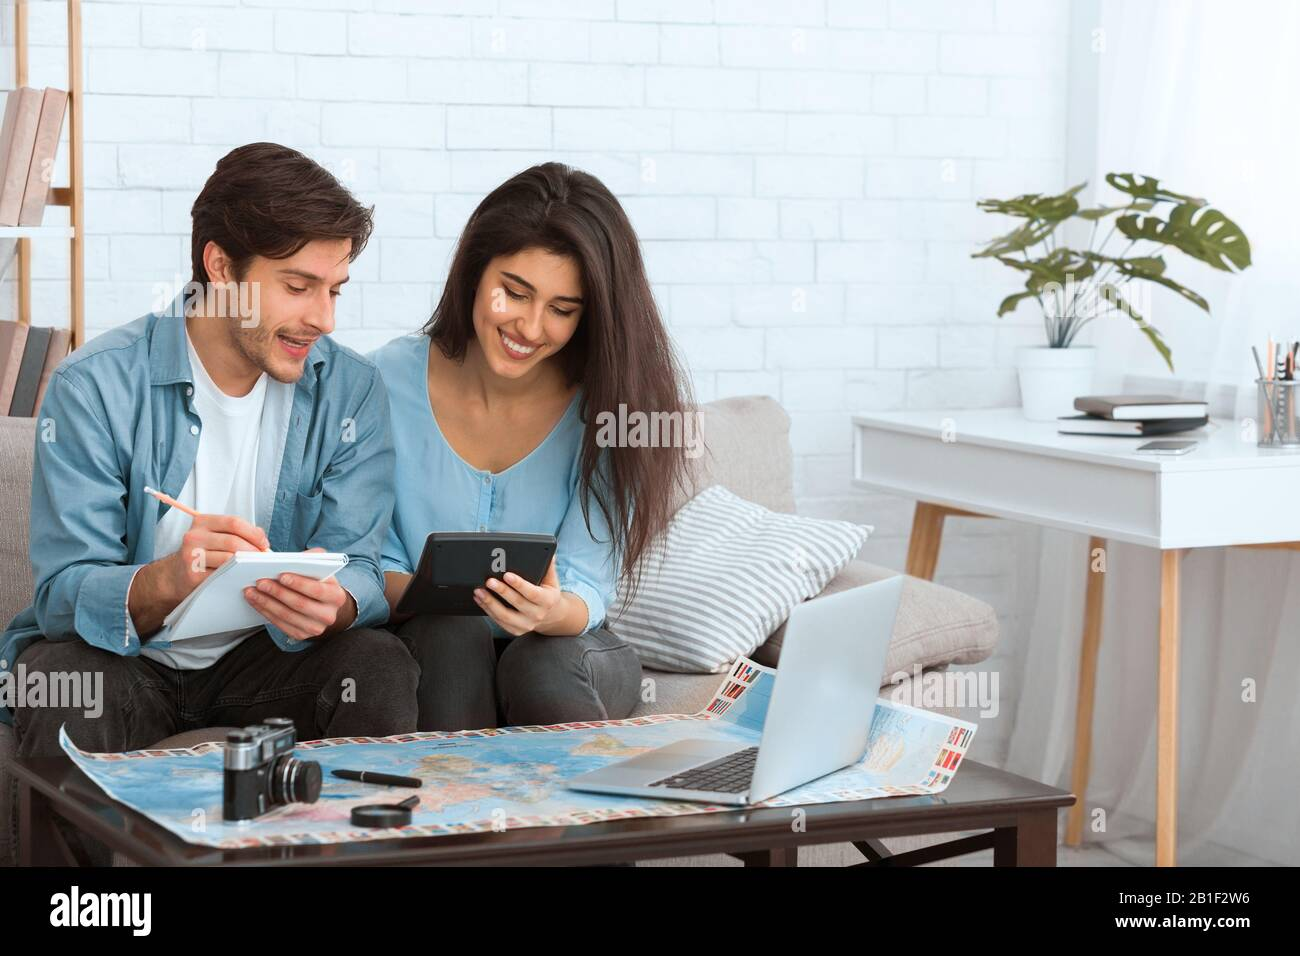 Planear las finanzas. Pareja preparándose para vacaciones y calculando gastos Foto de stock